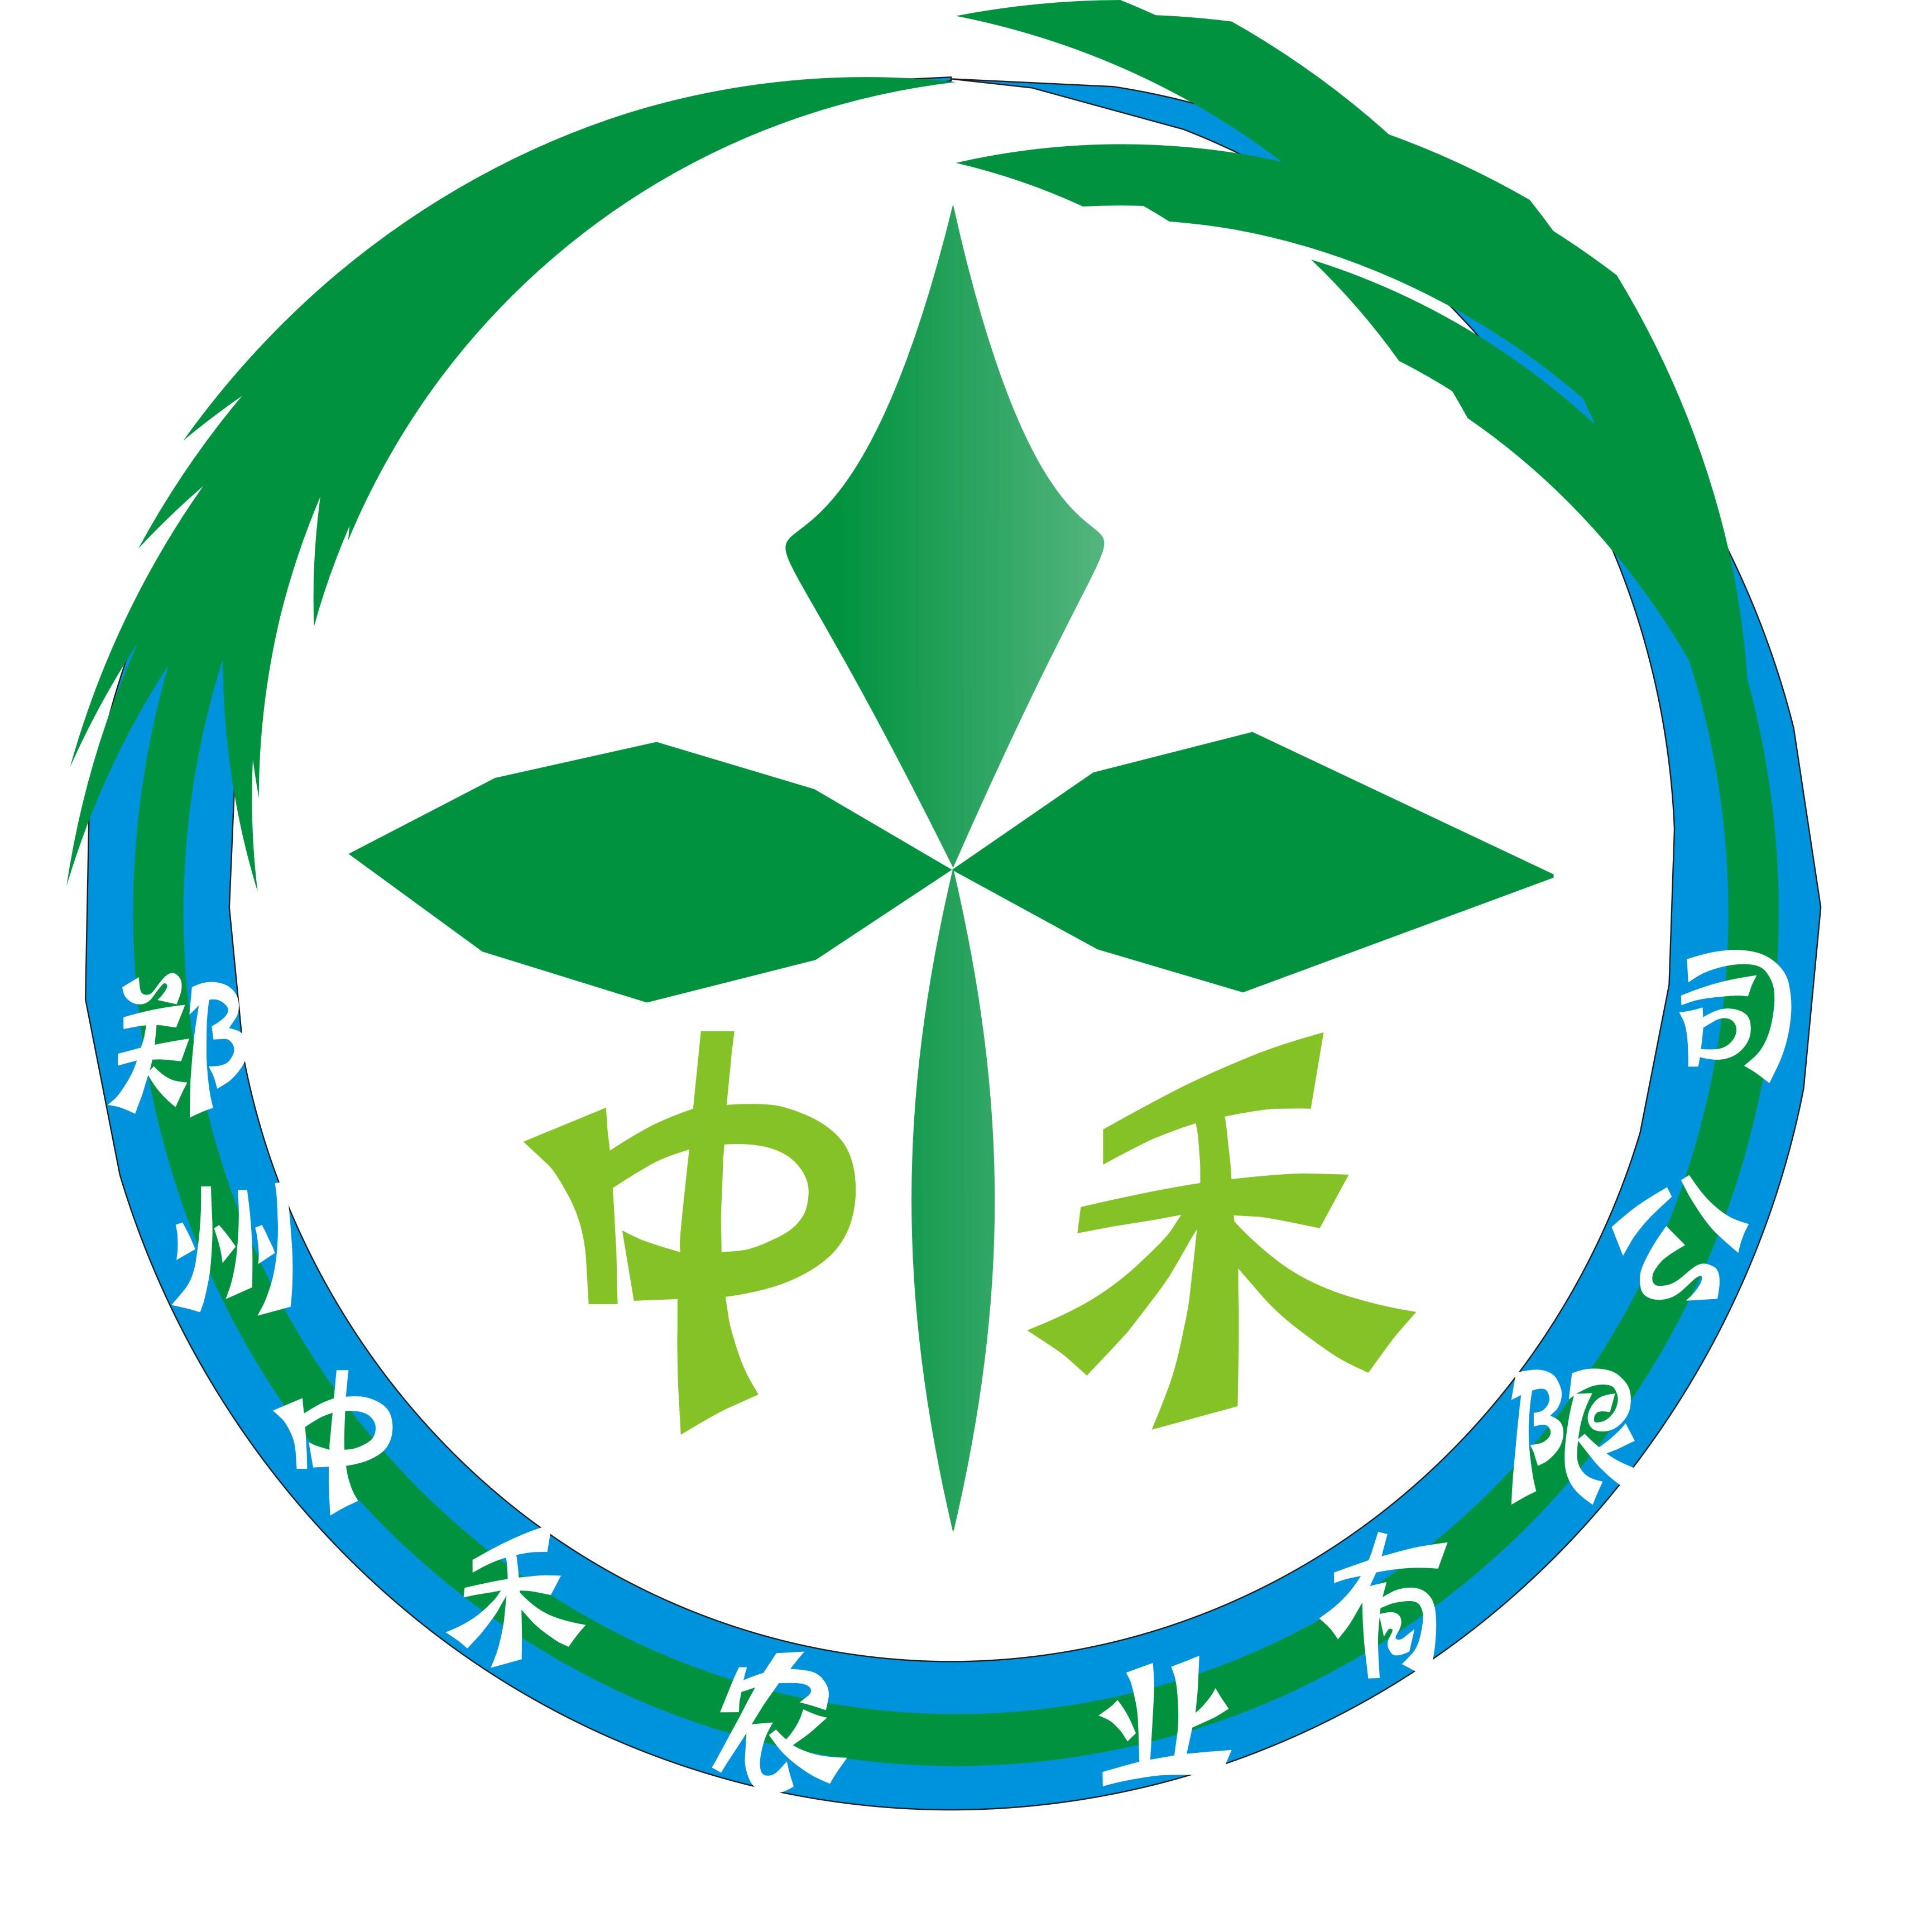 中禾农业公司logo设计【能力等级从低到高】